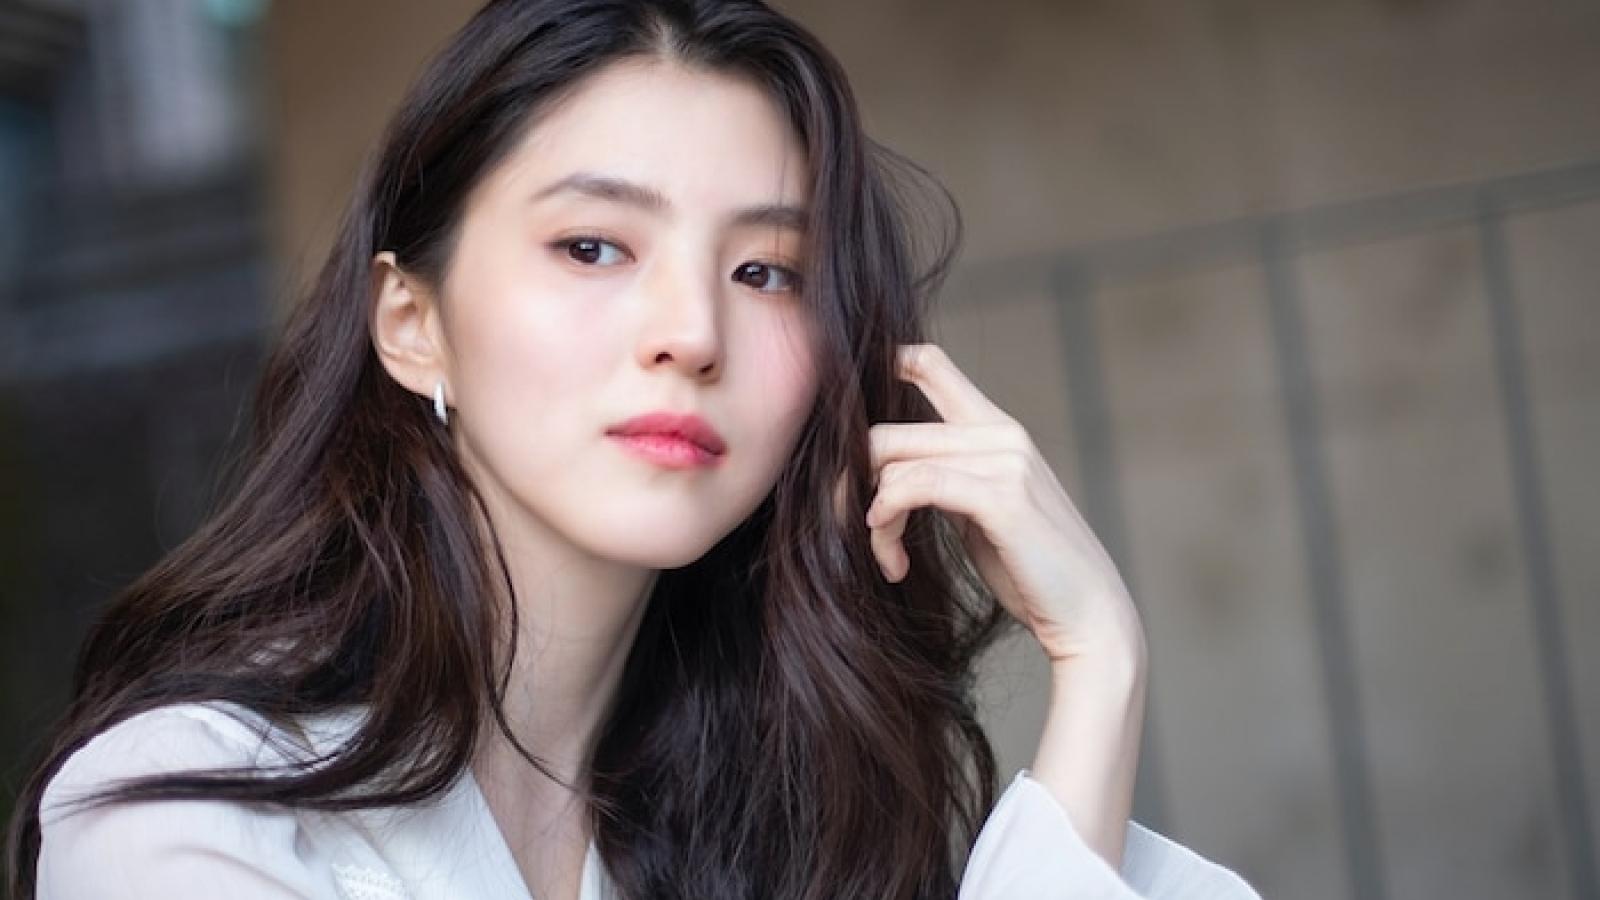 """""""Tiểu tam"""" Han So Hee """"Thế giới hôn nhân"""" khoe vẻ đẹp thuần khiết, tự nhiên"""